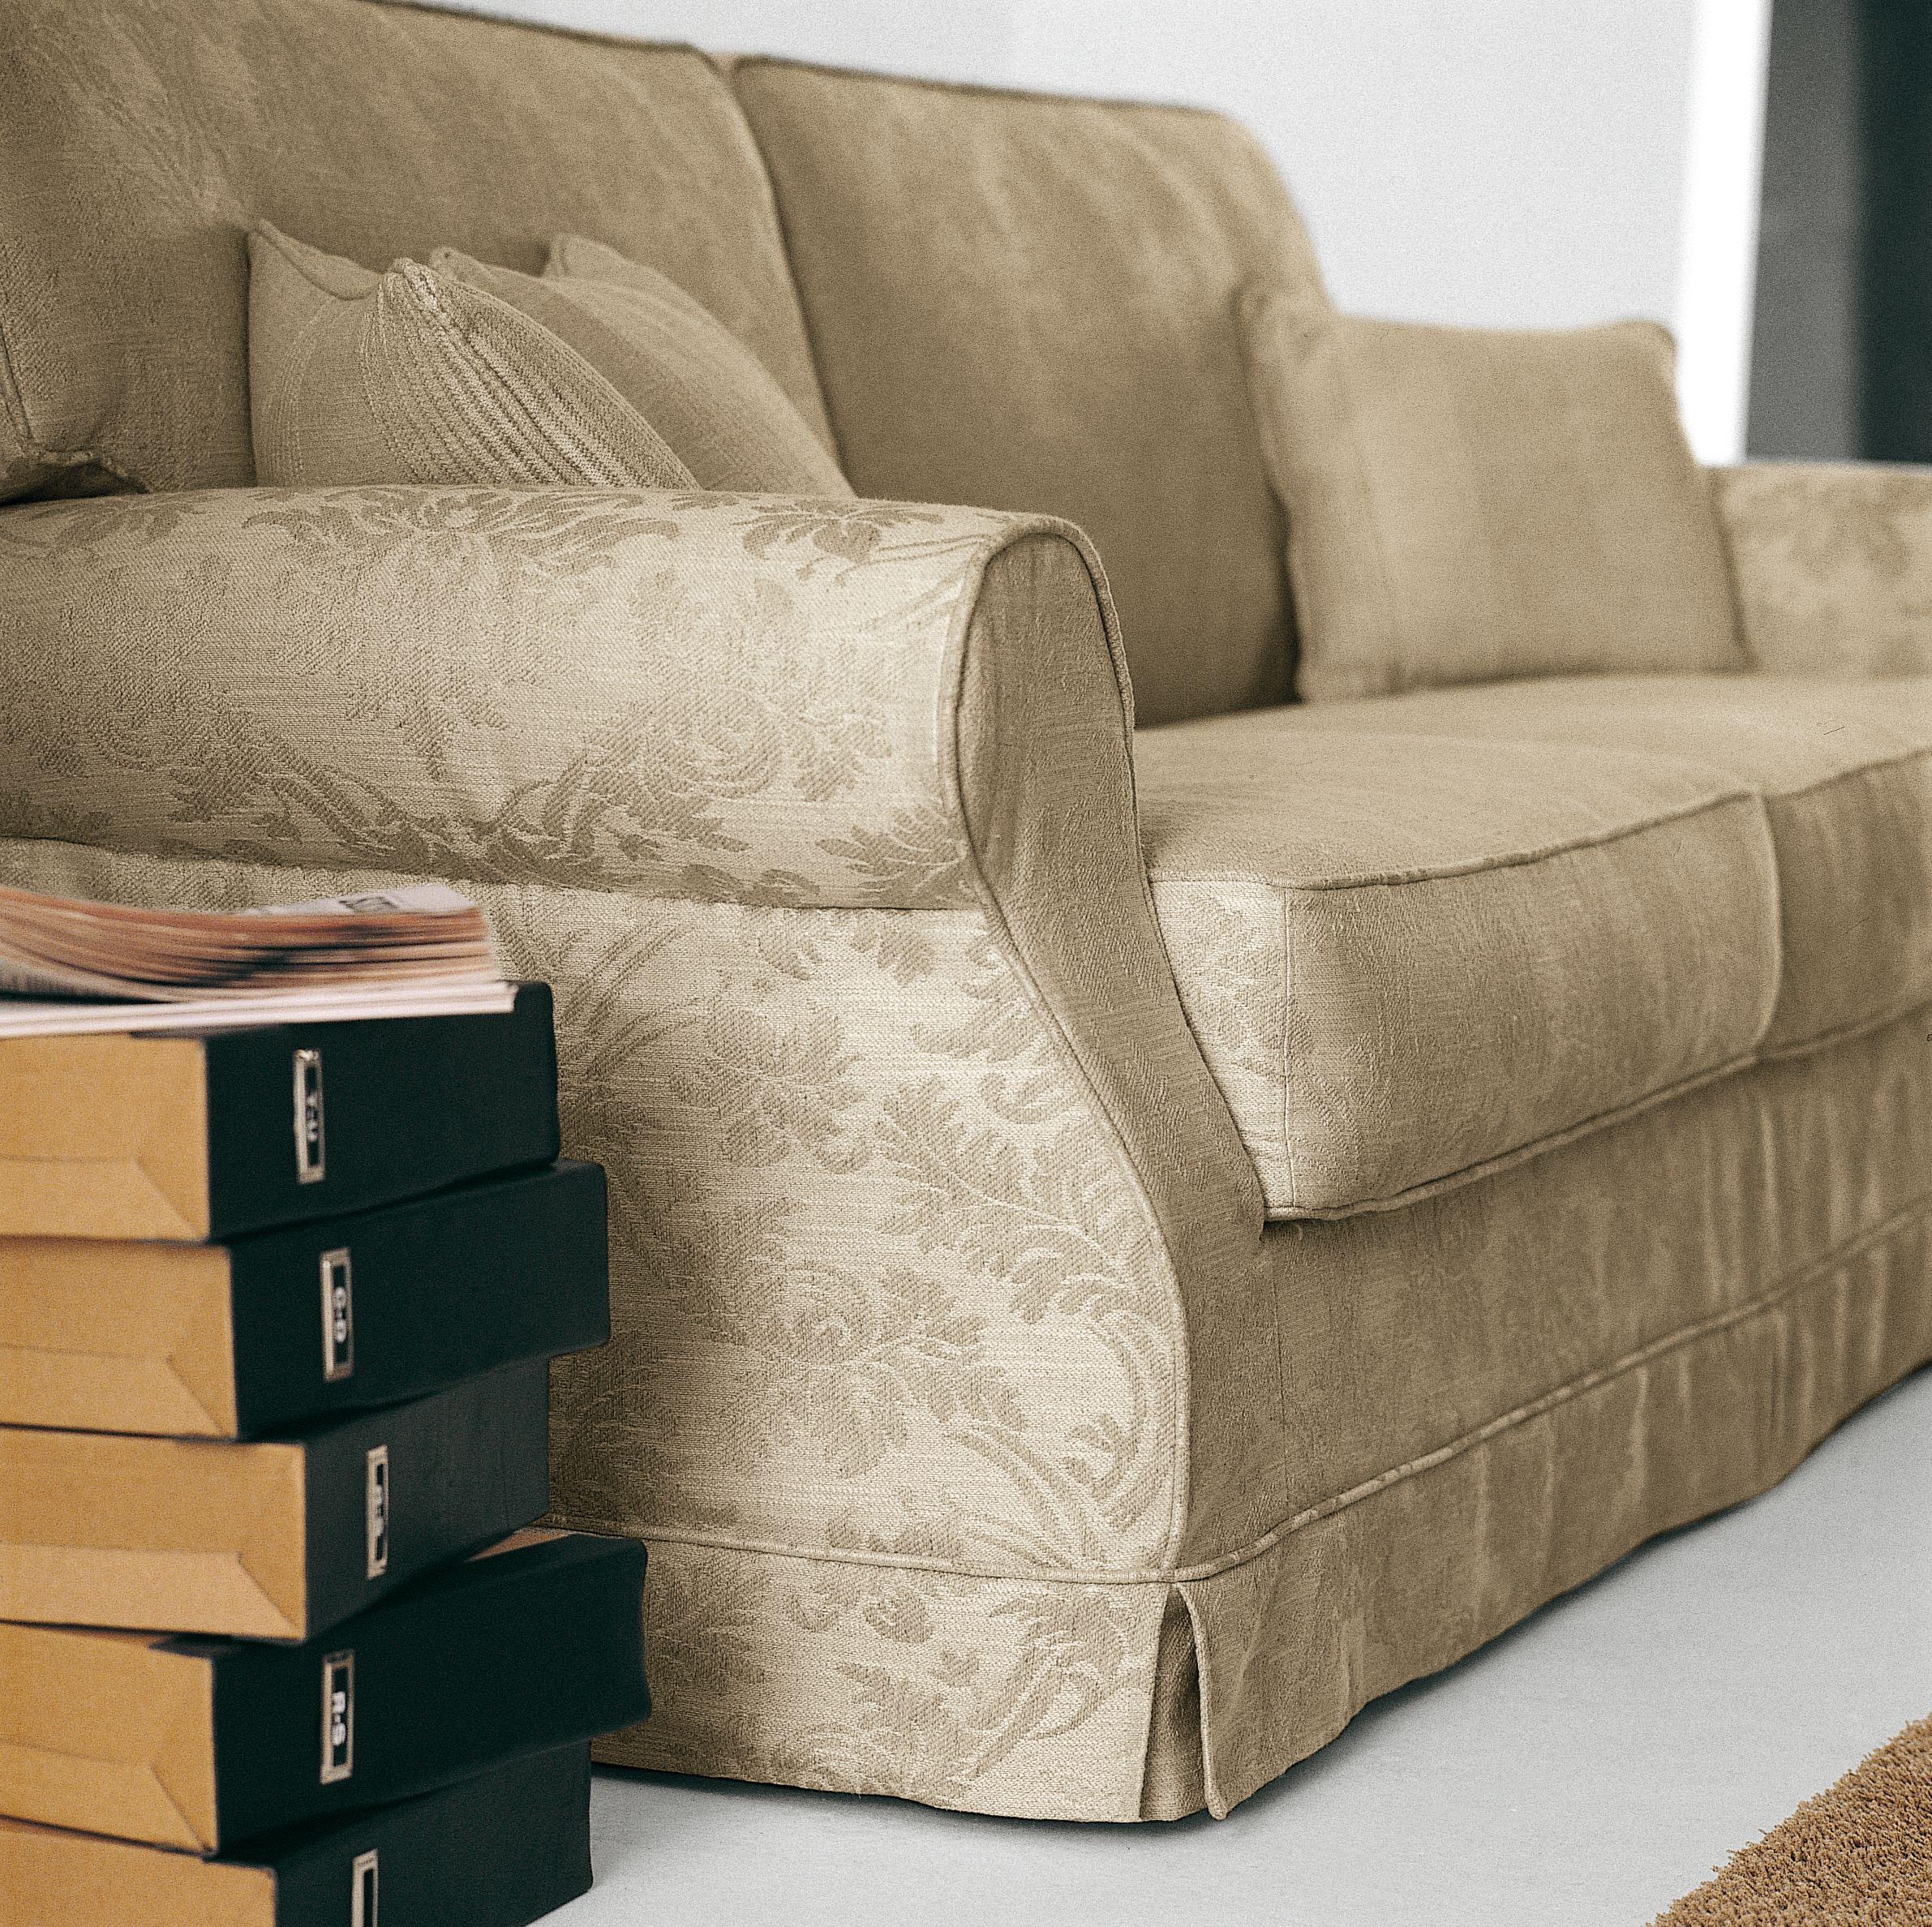 Gordon, sofa and sofa bed by Milano Bedding. (con immagini